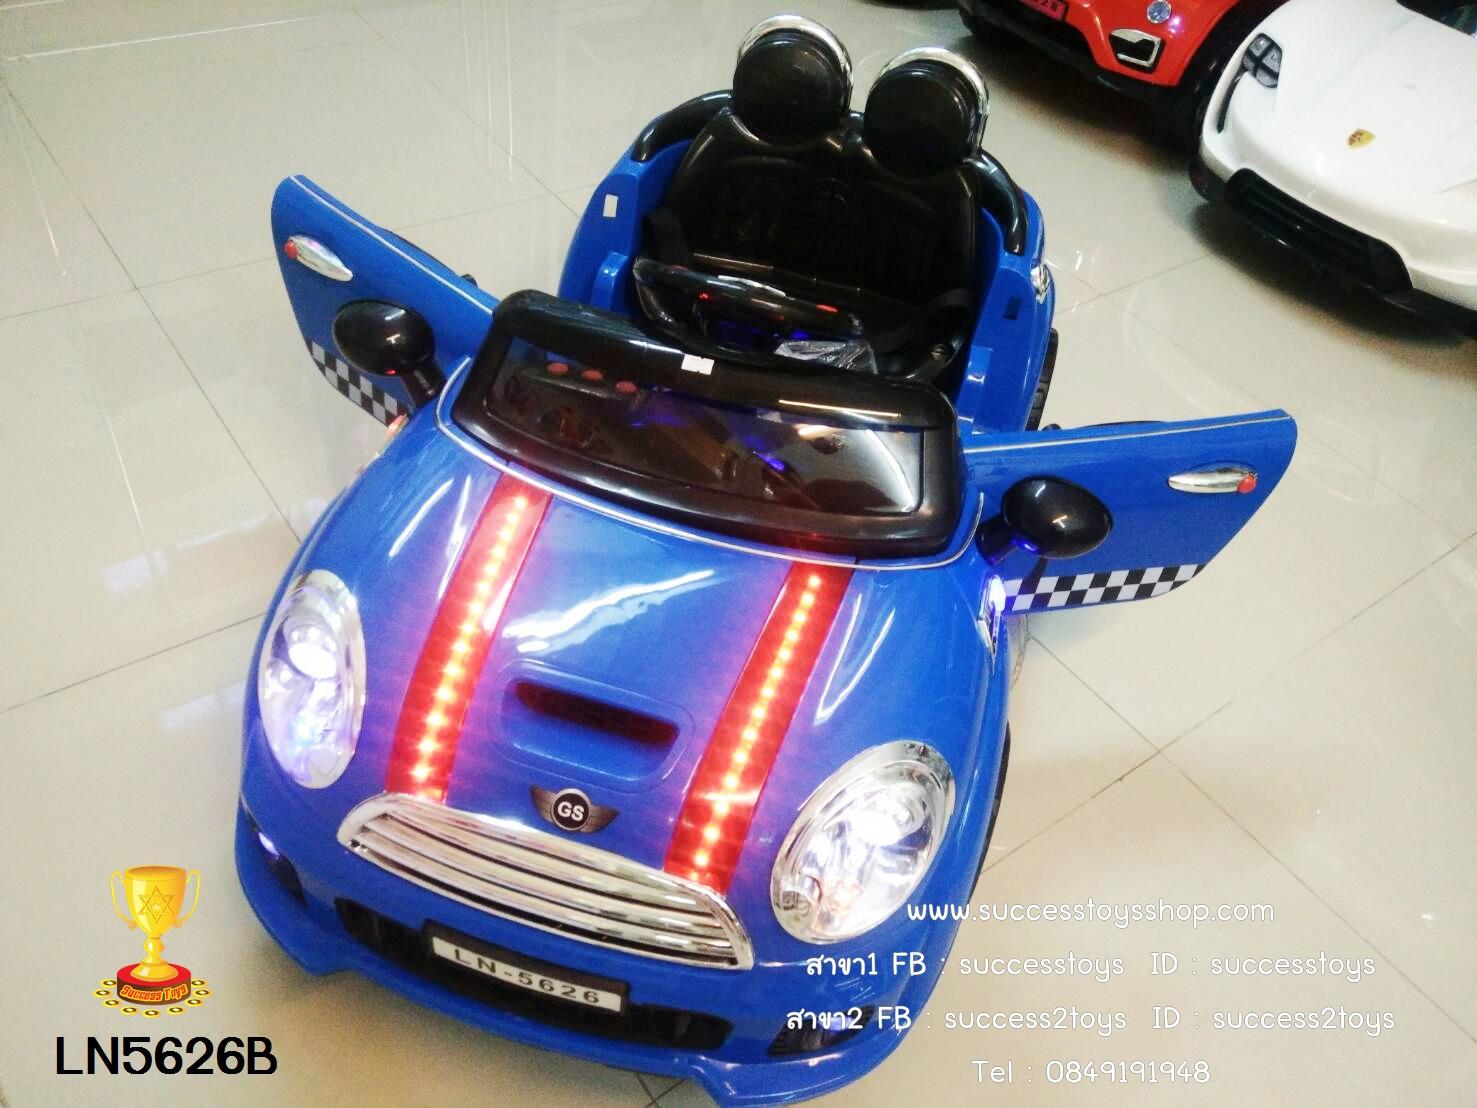 LN5626B รถแบตเตอรี่เด็กนั่ง MINI 2 มอเตอร์สีน้ำเงิน